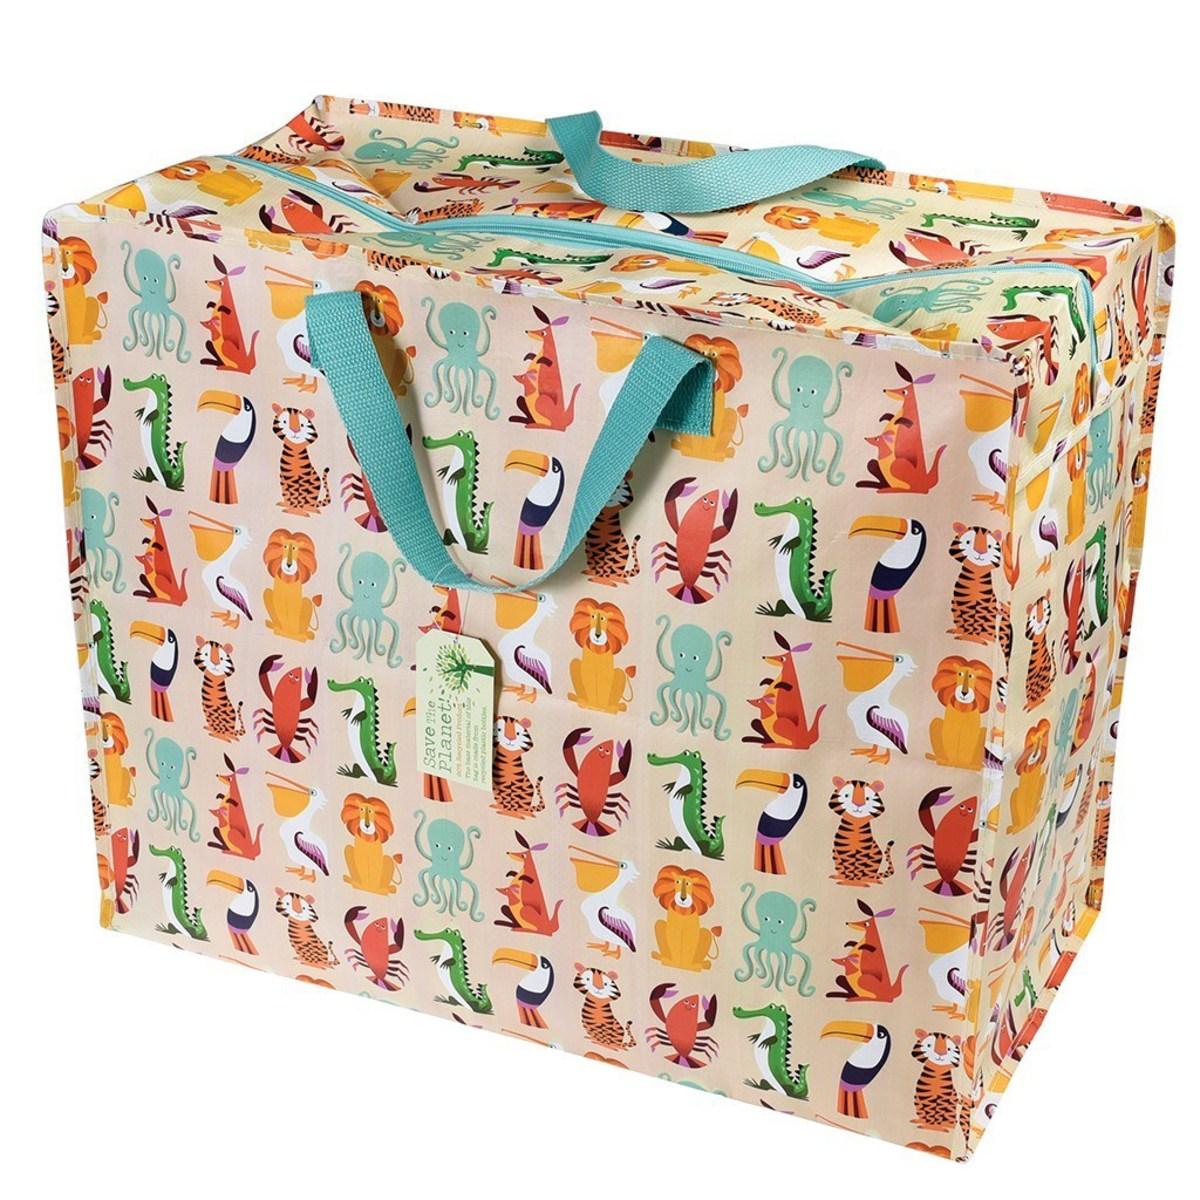 dotcomgiftshop sac de rangement recycl jumbo colourful creatures rangement jouet. Black Bedroom Furniture Sets. Home Design Ideas